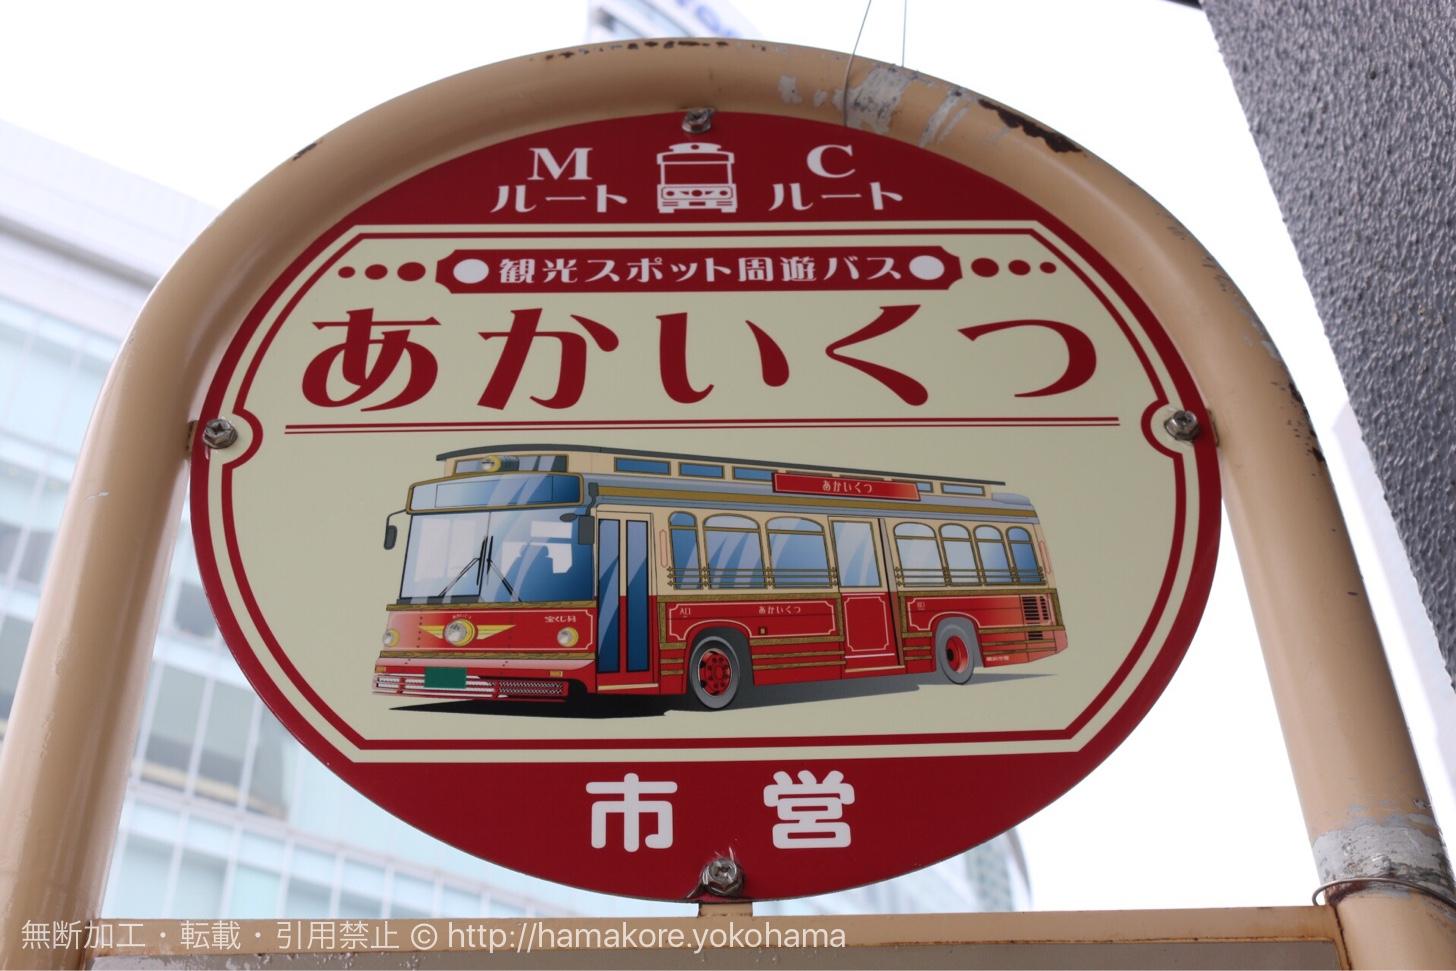 嘘でしょ…横浜「あかいくつ」の運賃が大人220円に改定